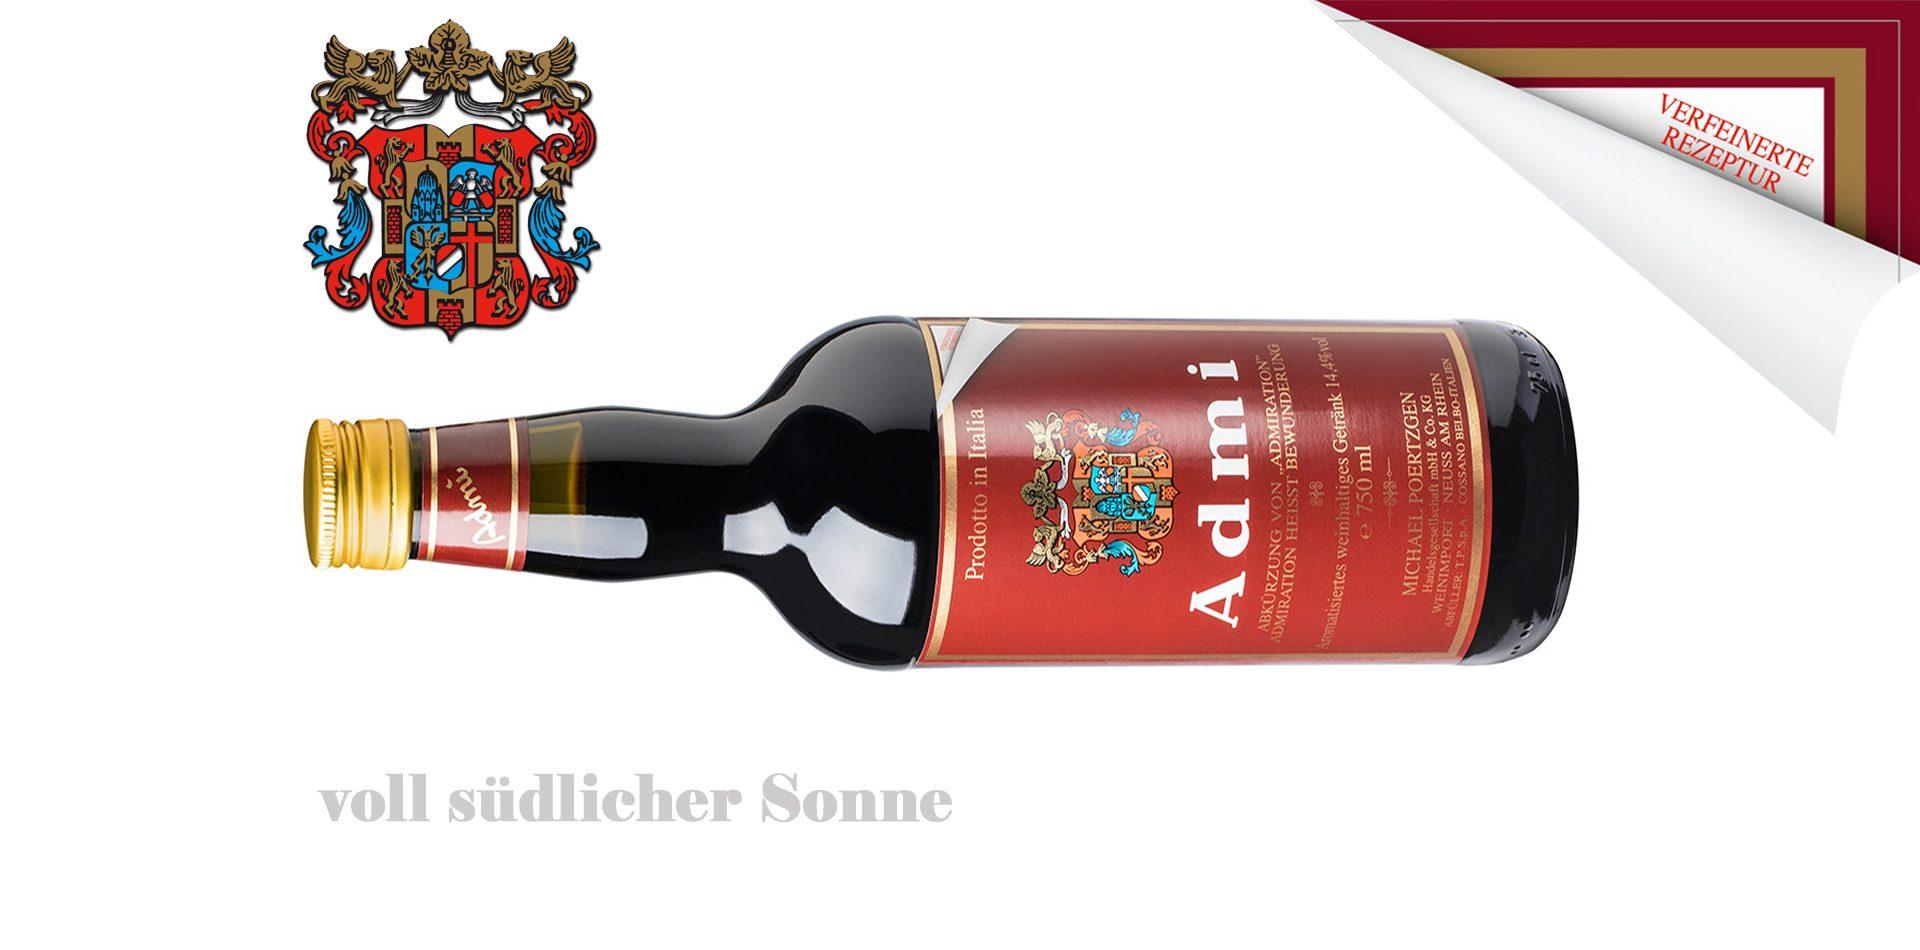 Admi-Rosso | italienischer Dessertwein | Michael Poertzgen Handelsgesellschaft mbH & Co. KG